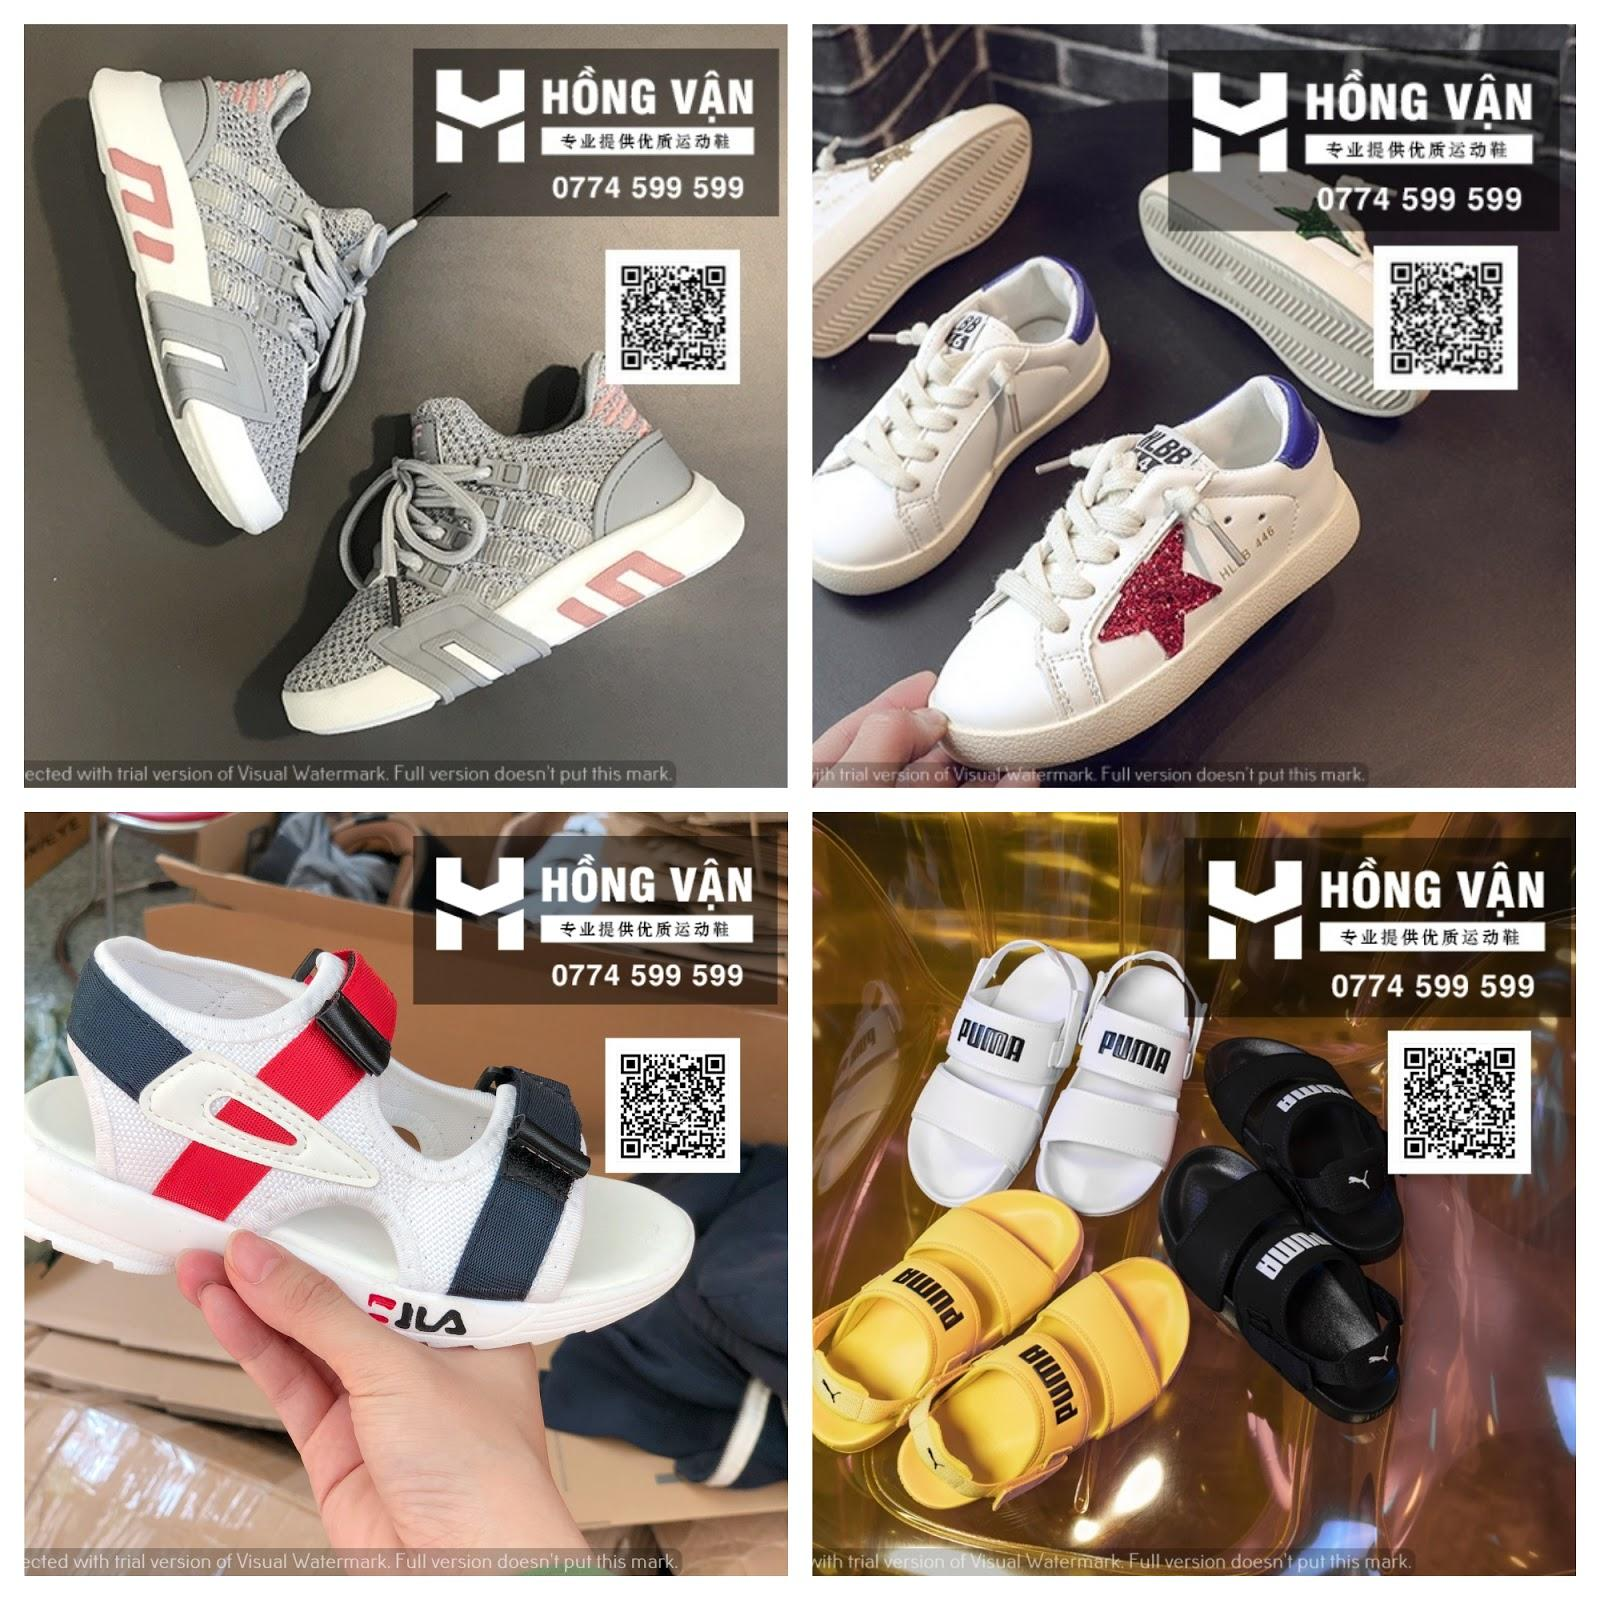 Nguồn hàng sỉ giày thể thao Sf, rep, rep 1:1 chuẩn chất lượng , uy tín - 10